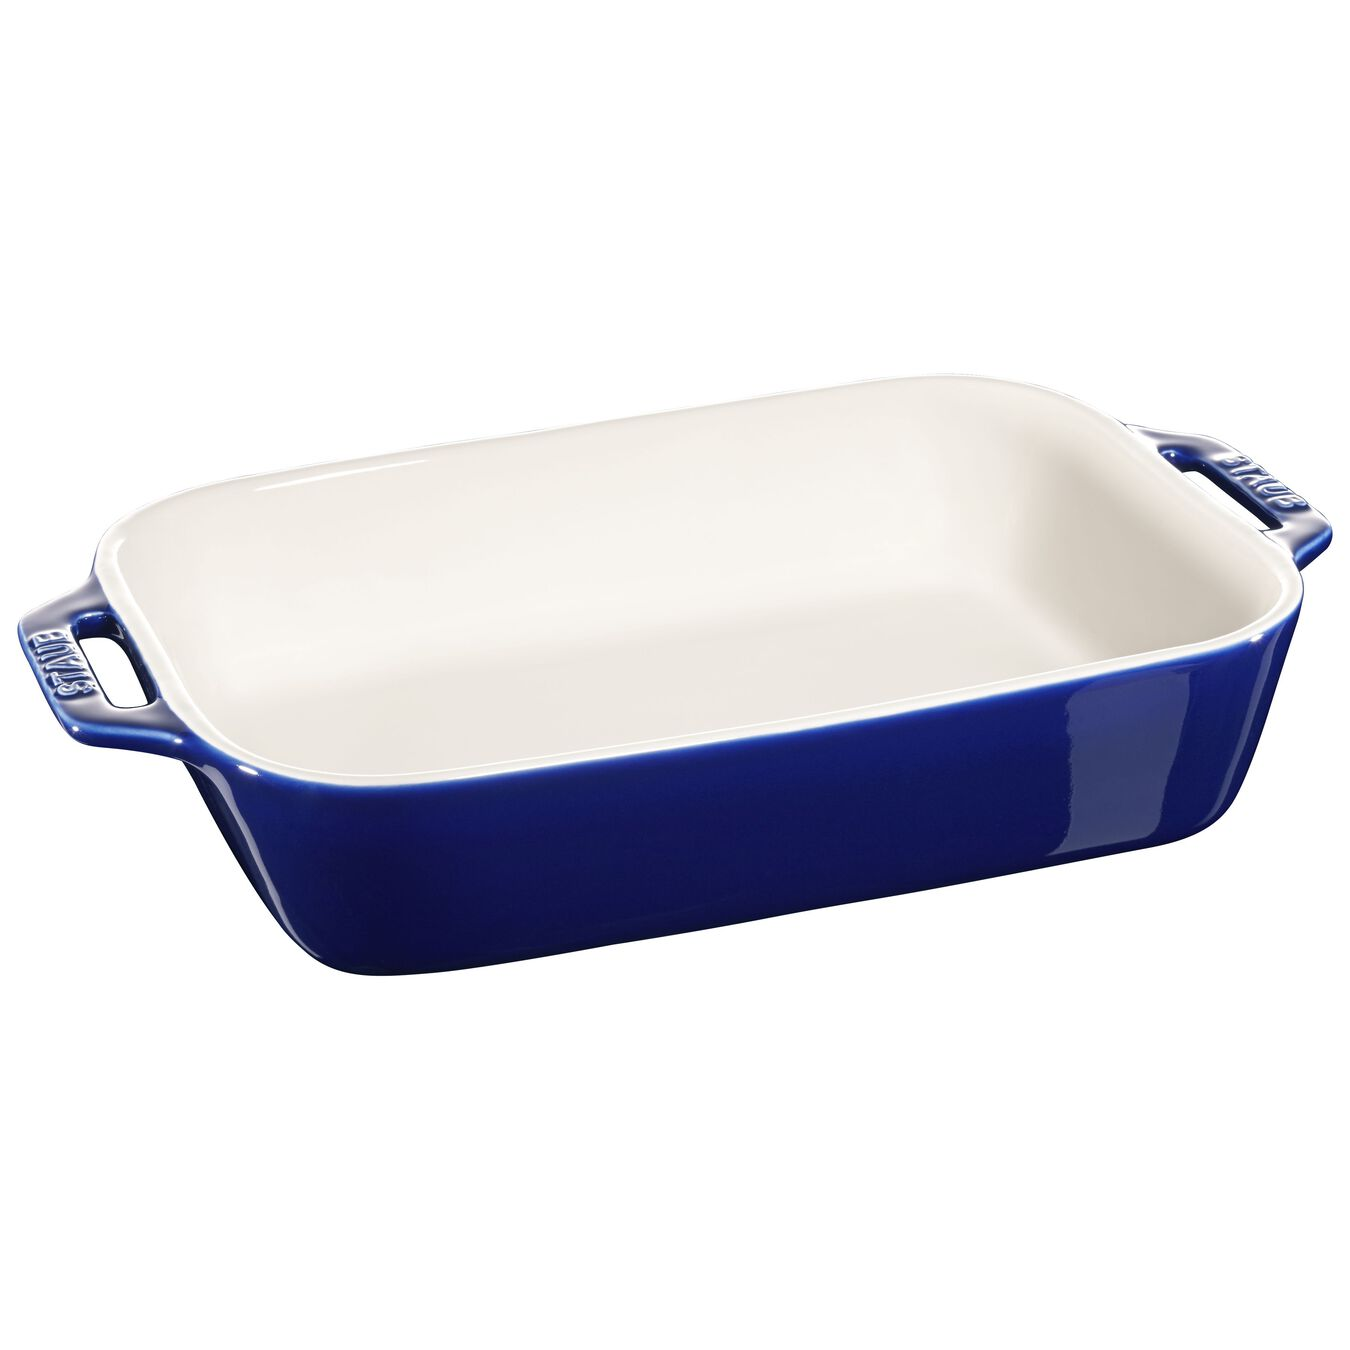 2-pc Rectangular Baking Dish Set - Dark Blue,,large 2